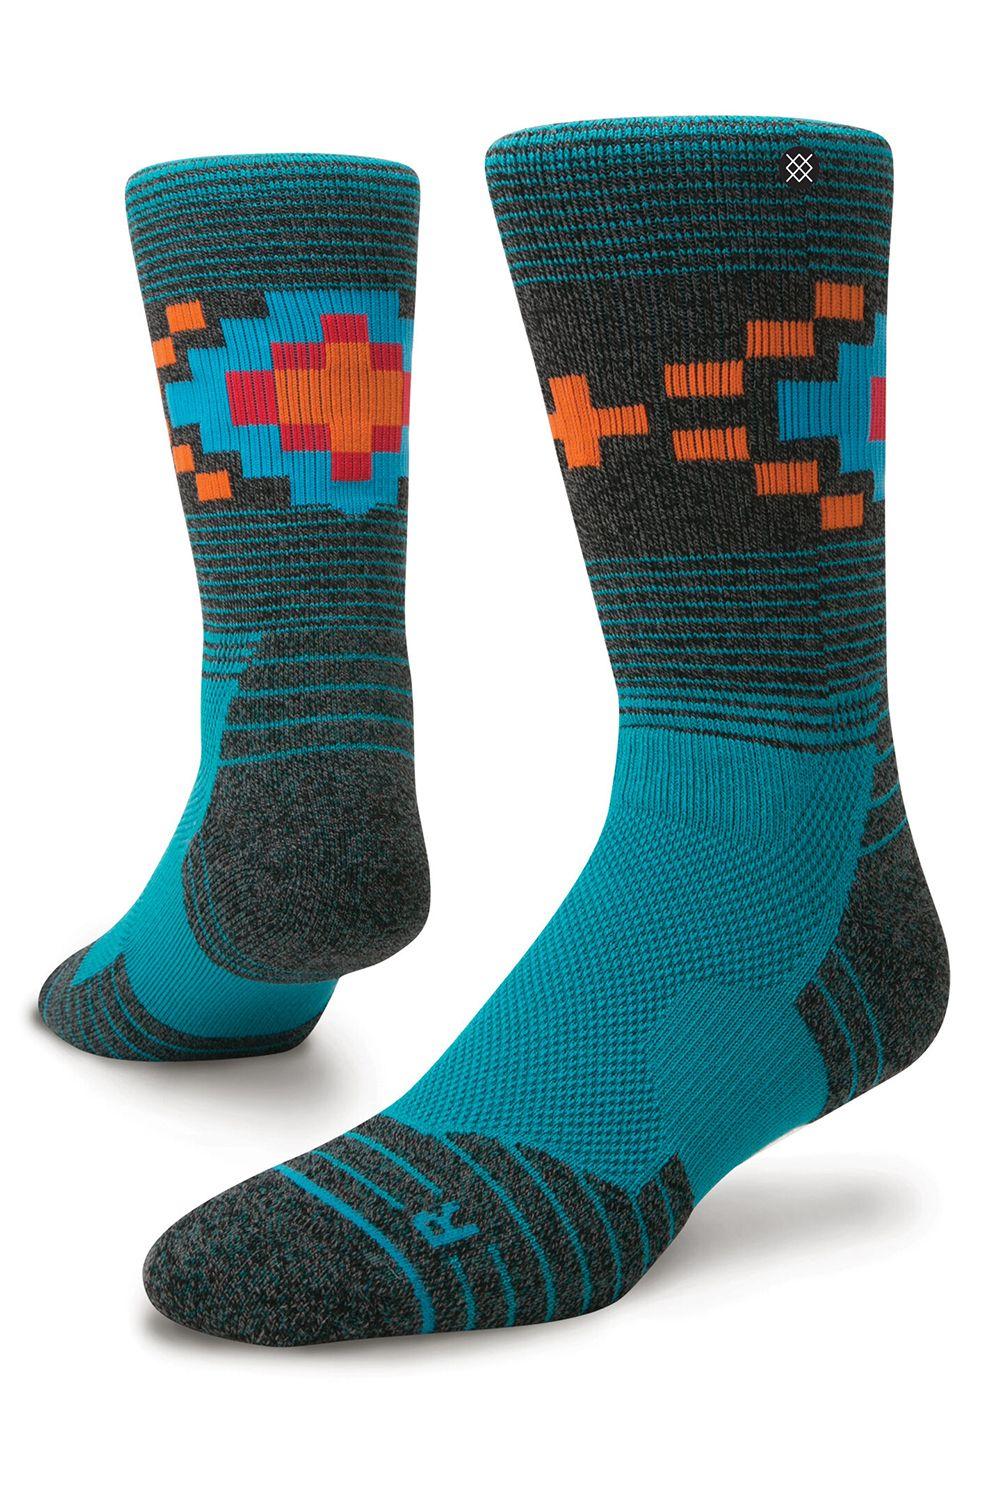 Stance Socks WHEELER Turquoise